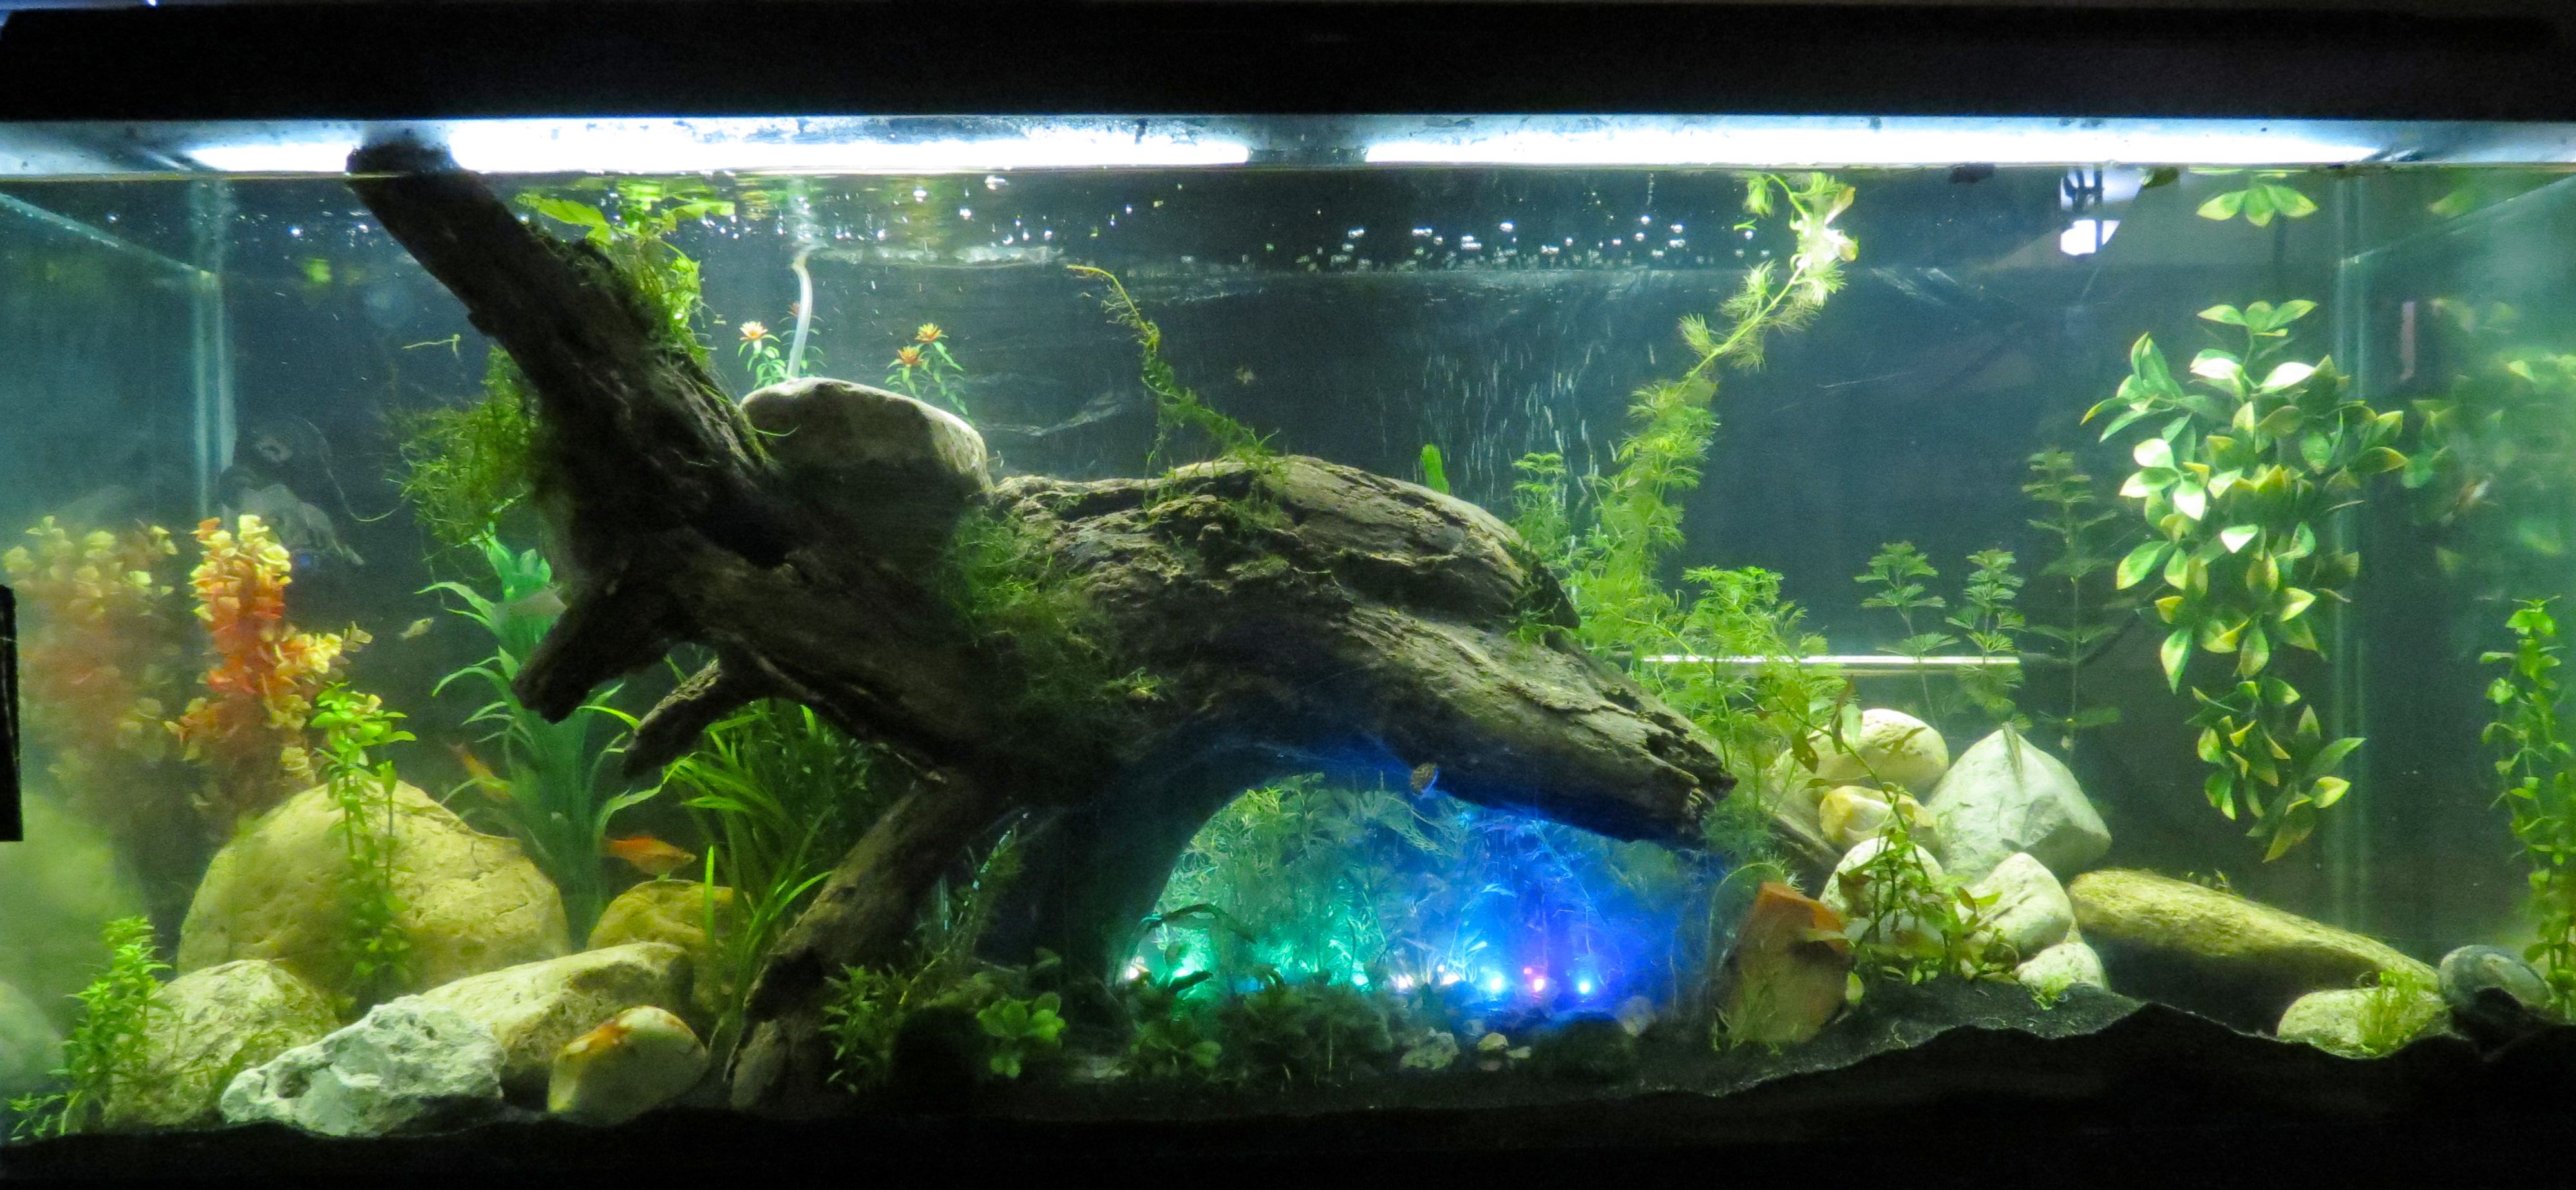 55 Gallon Fish Tank Aquarium trustefish Fish Pinterest